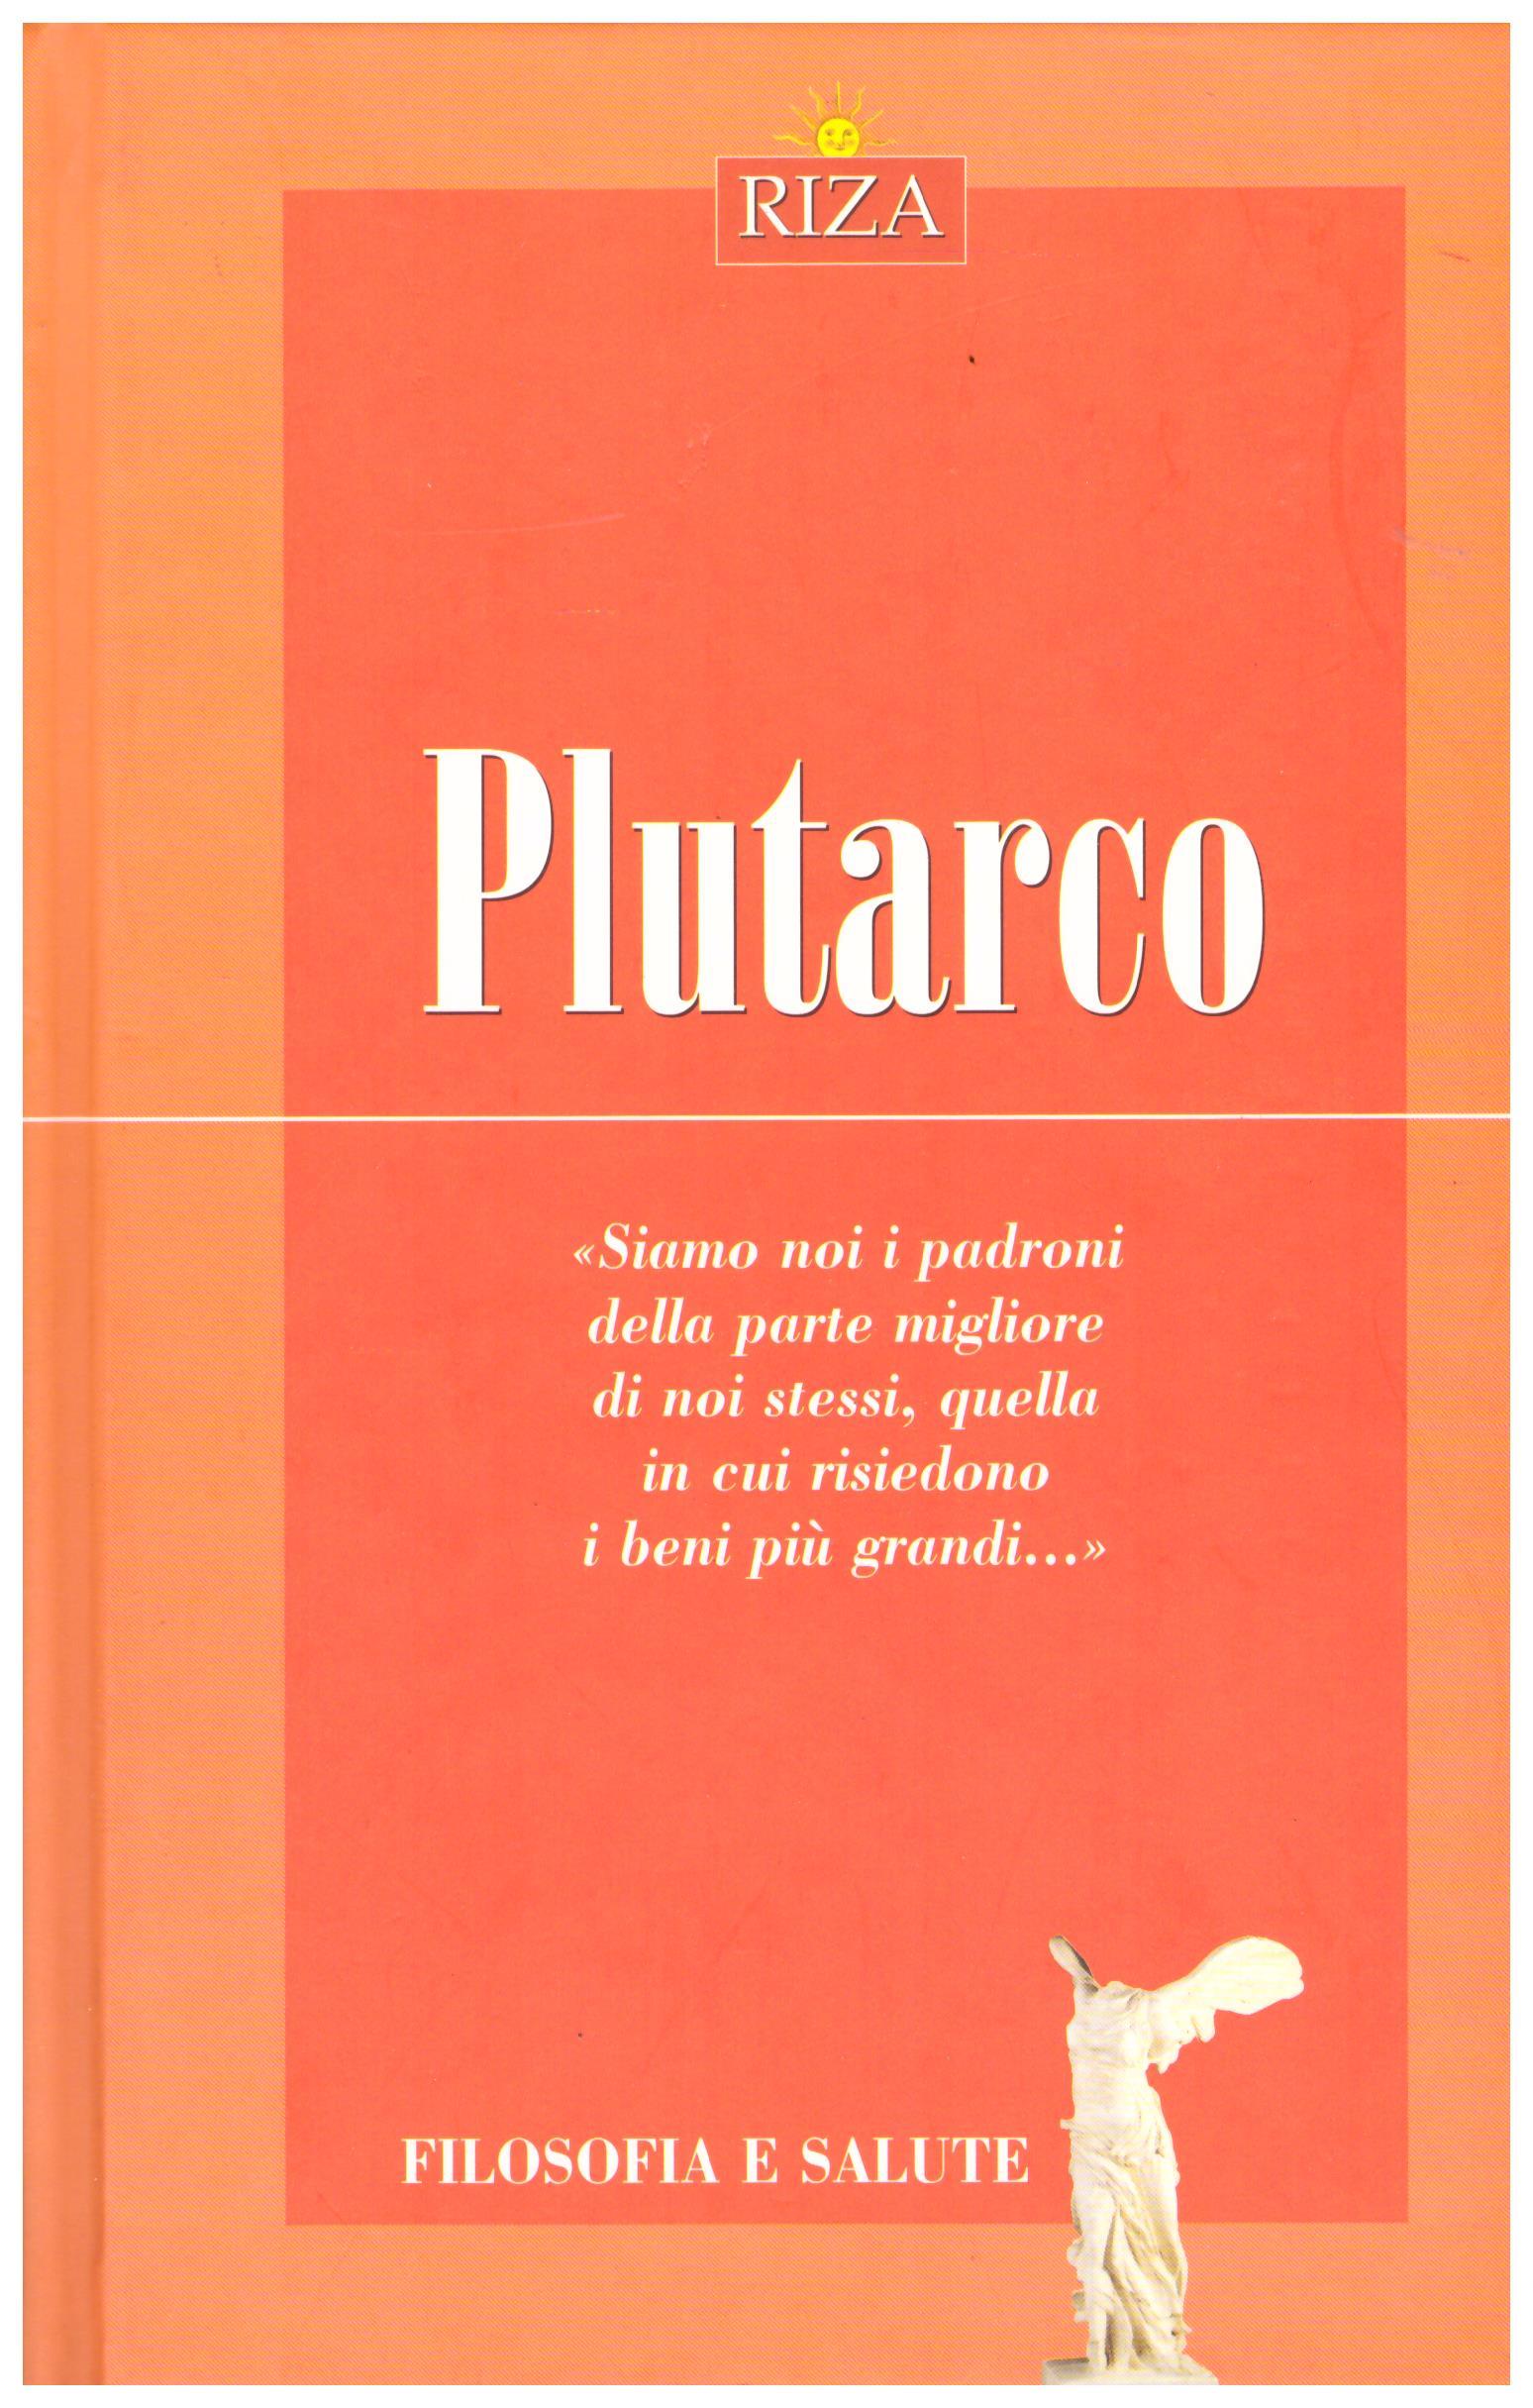 Titolo: Filosofia e salute, Plutarco Autore: AA.VV.  Editore: Riza, 2008